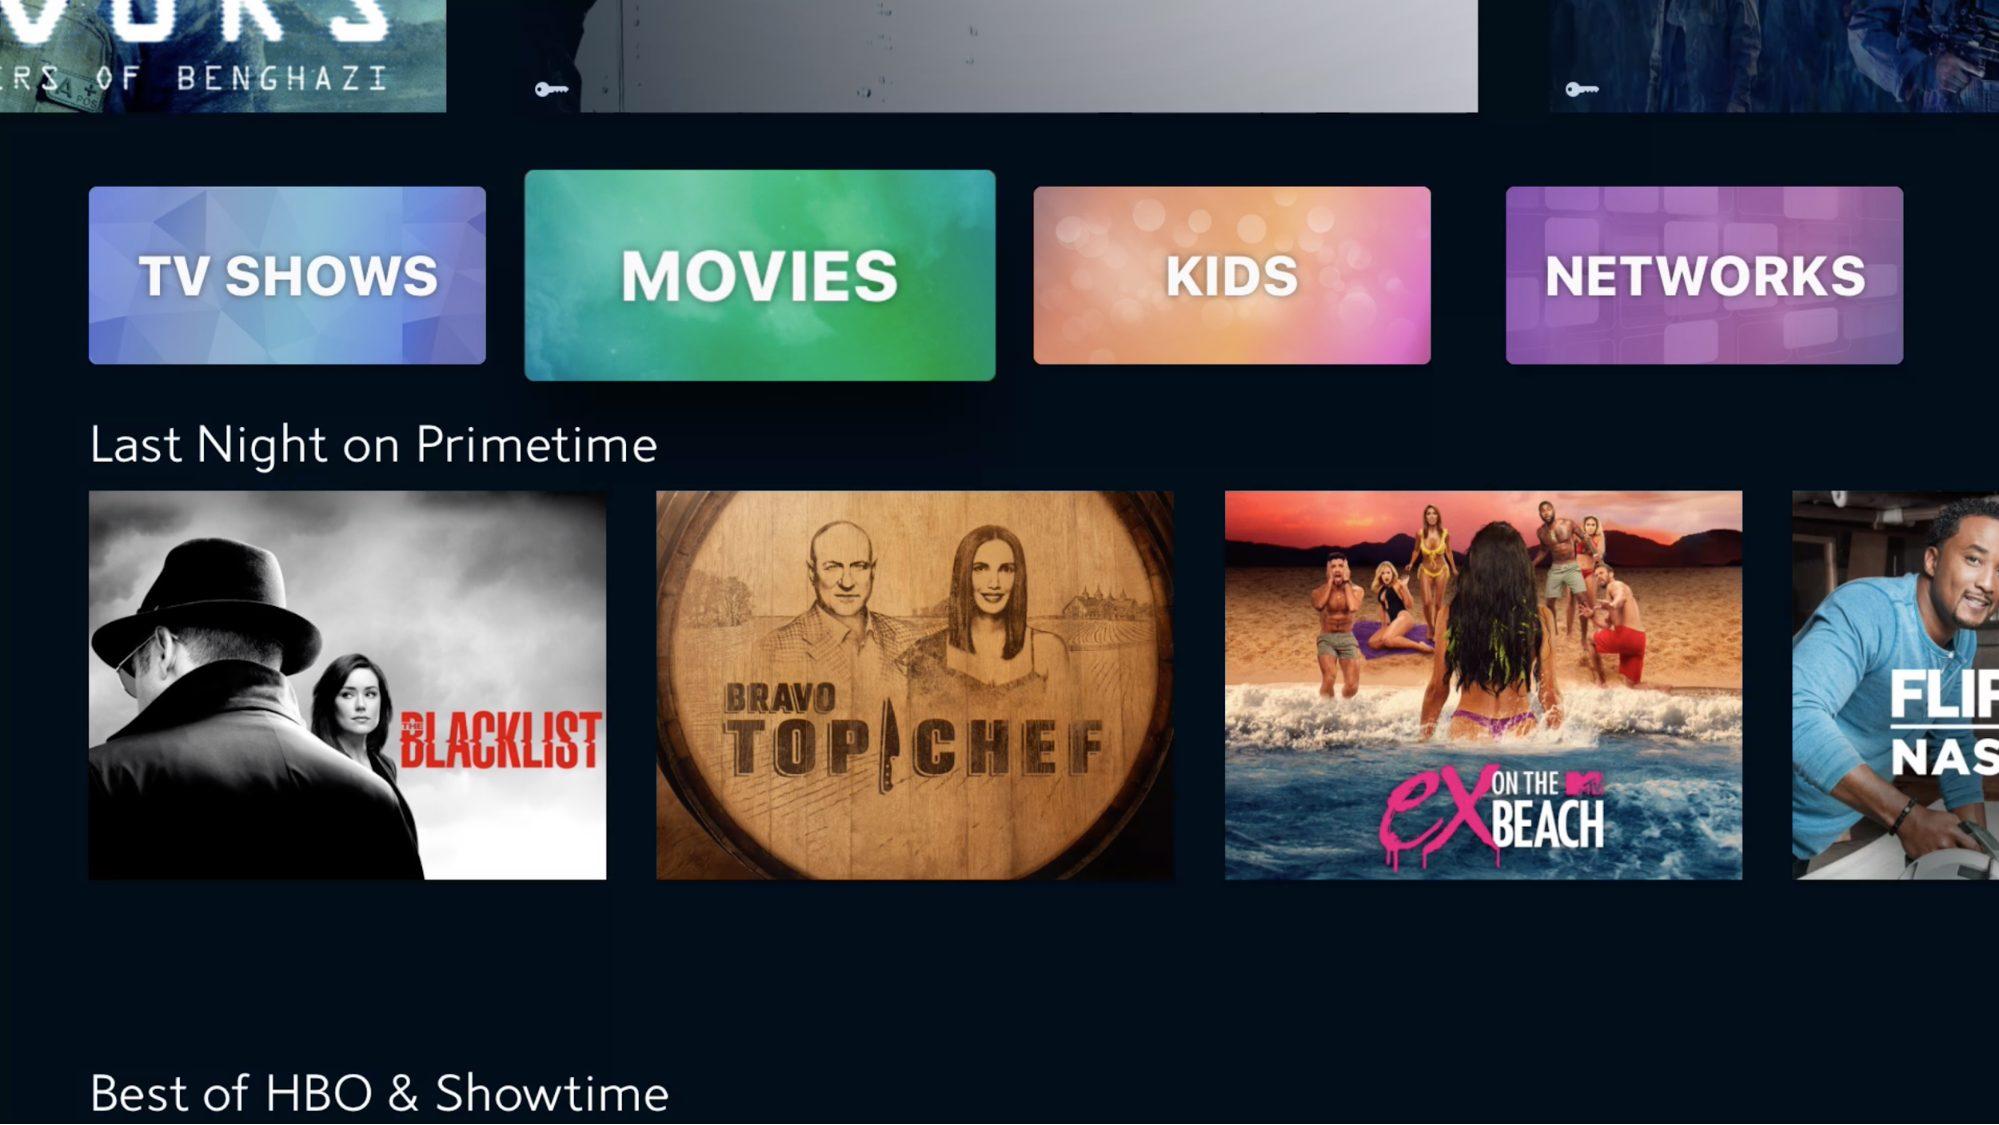 Spectrum's Zero Sign-On App Comes to Apple TV - TidBITS